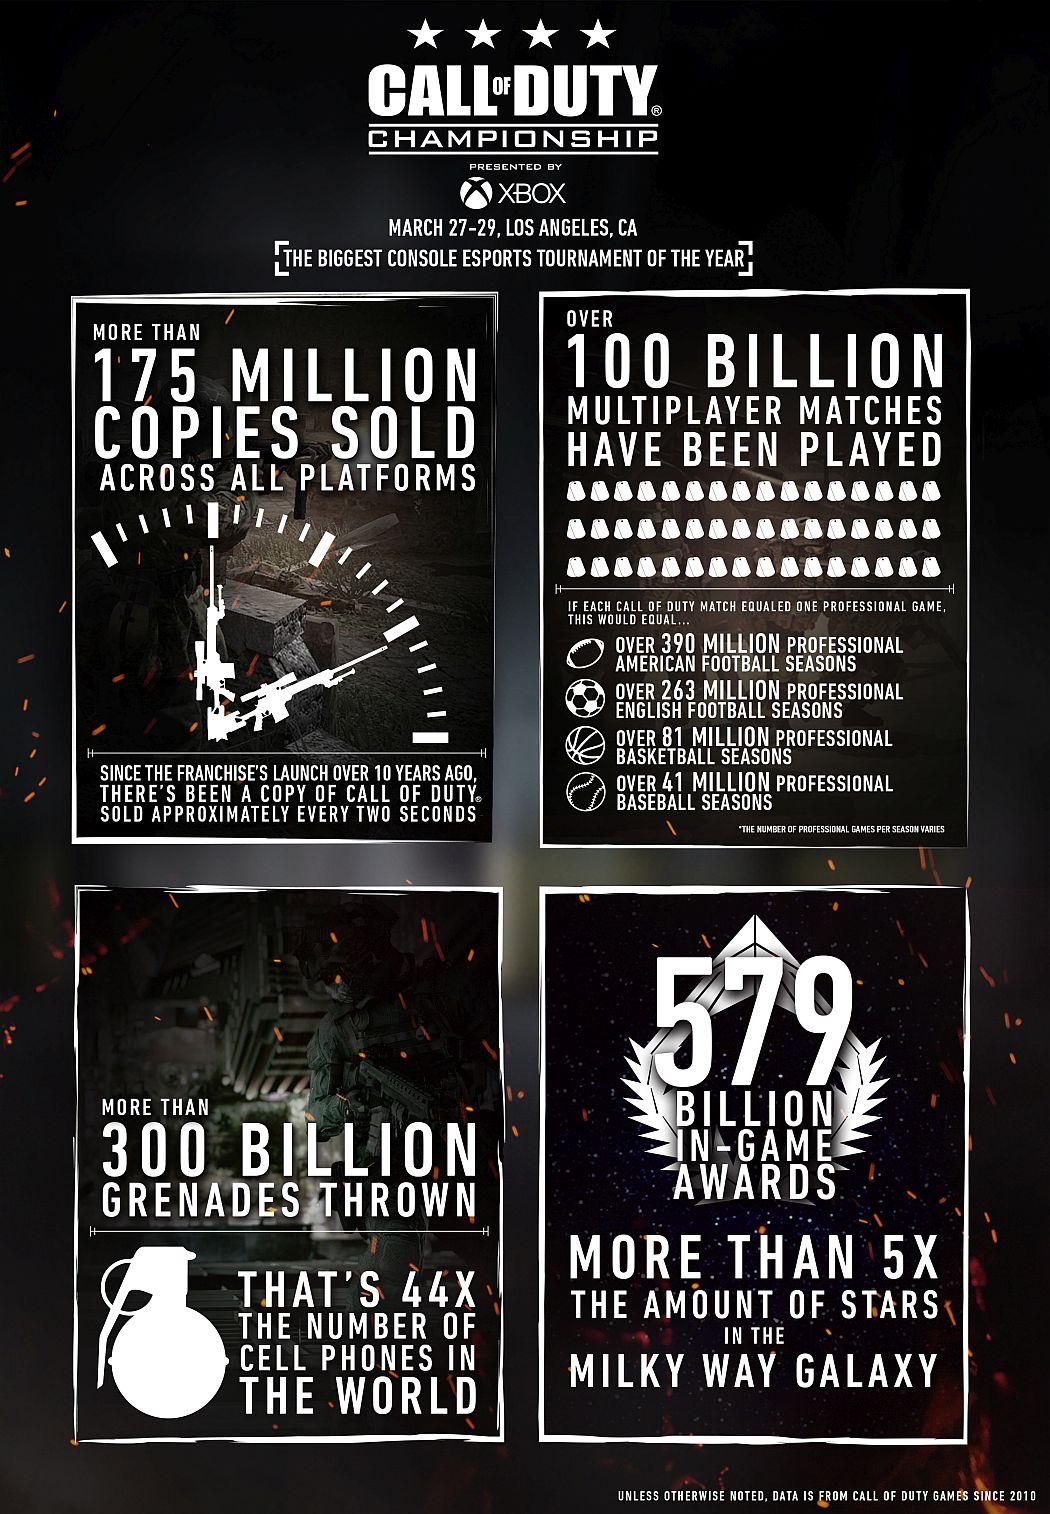 CoD Champs Infographic FINAL رکوردی جدید برای Call of Duty | حدود ۱۷۵ میلیون نسخه فروش برای این فرانچایز ثبت شد